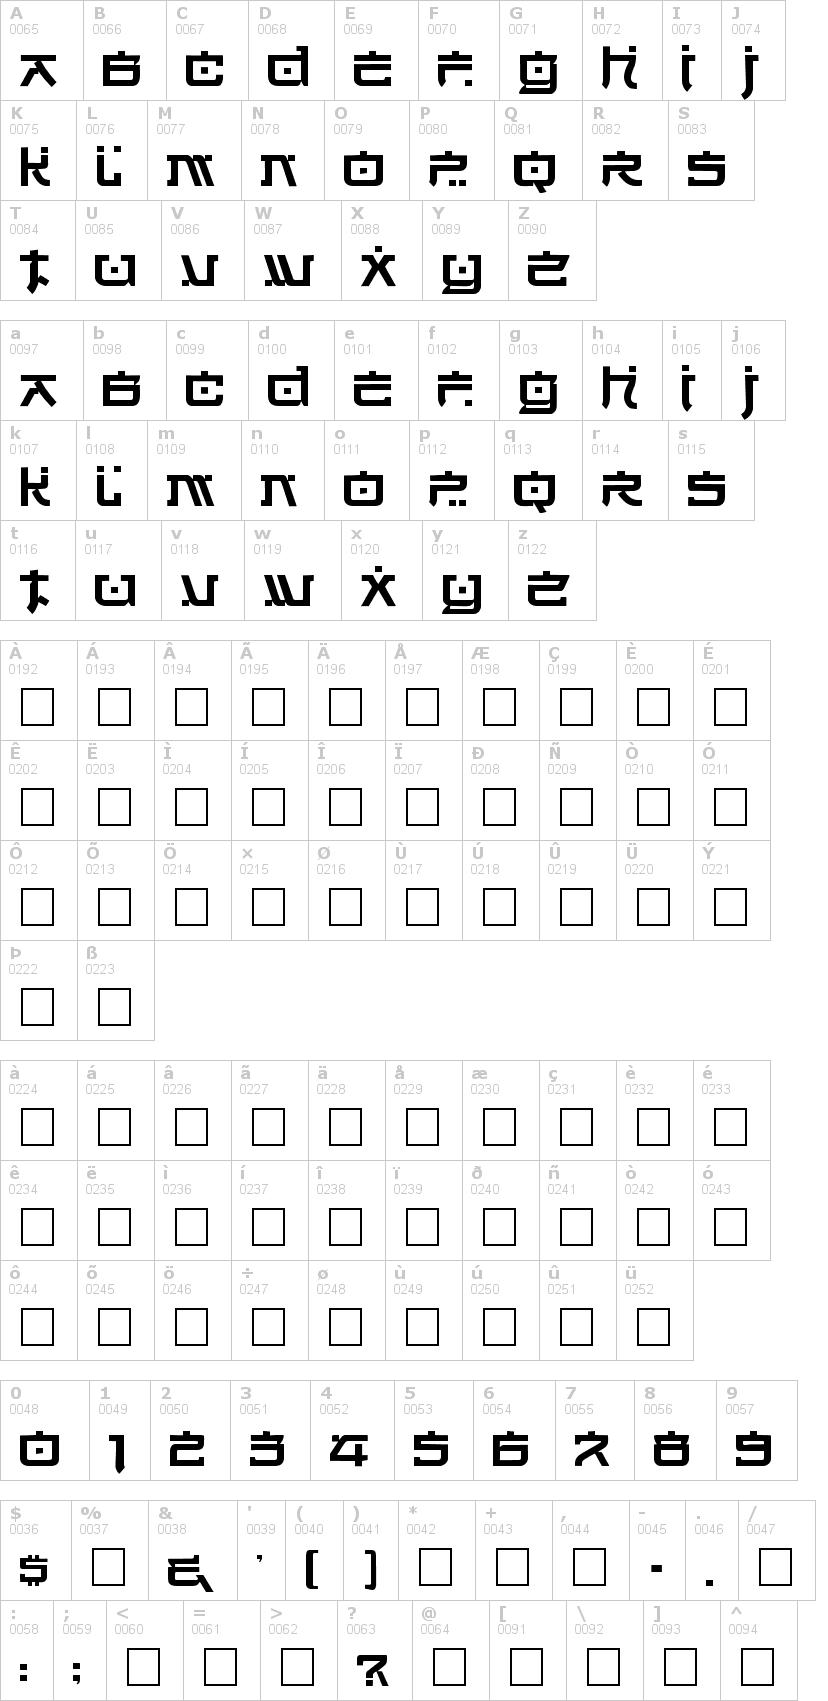 Lettere dell'alfabeto del font hirosh con le quali è possibile realizzare adesivi prespaziati